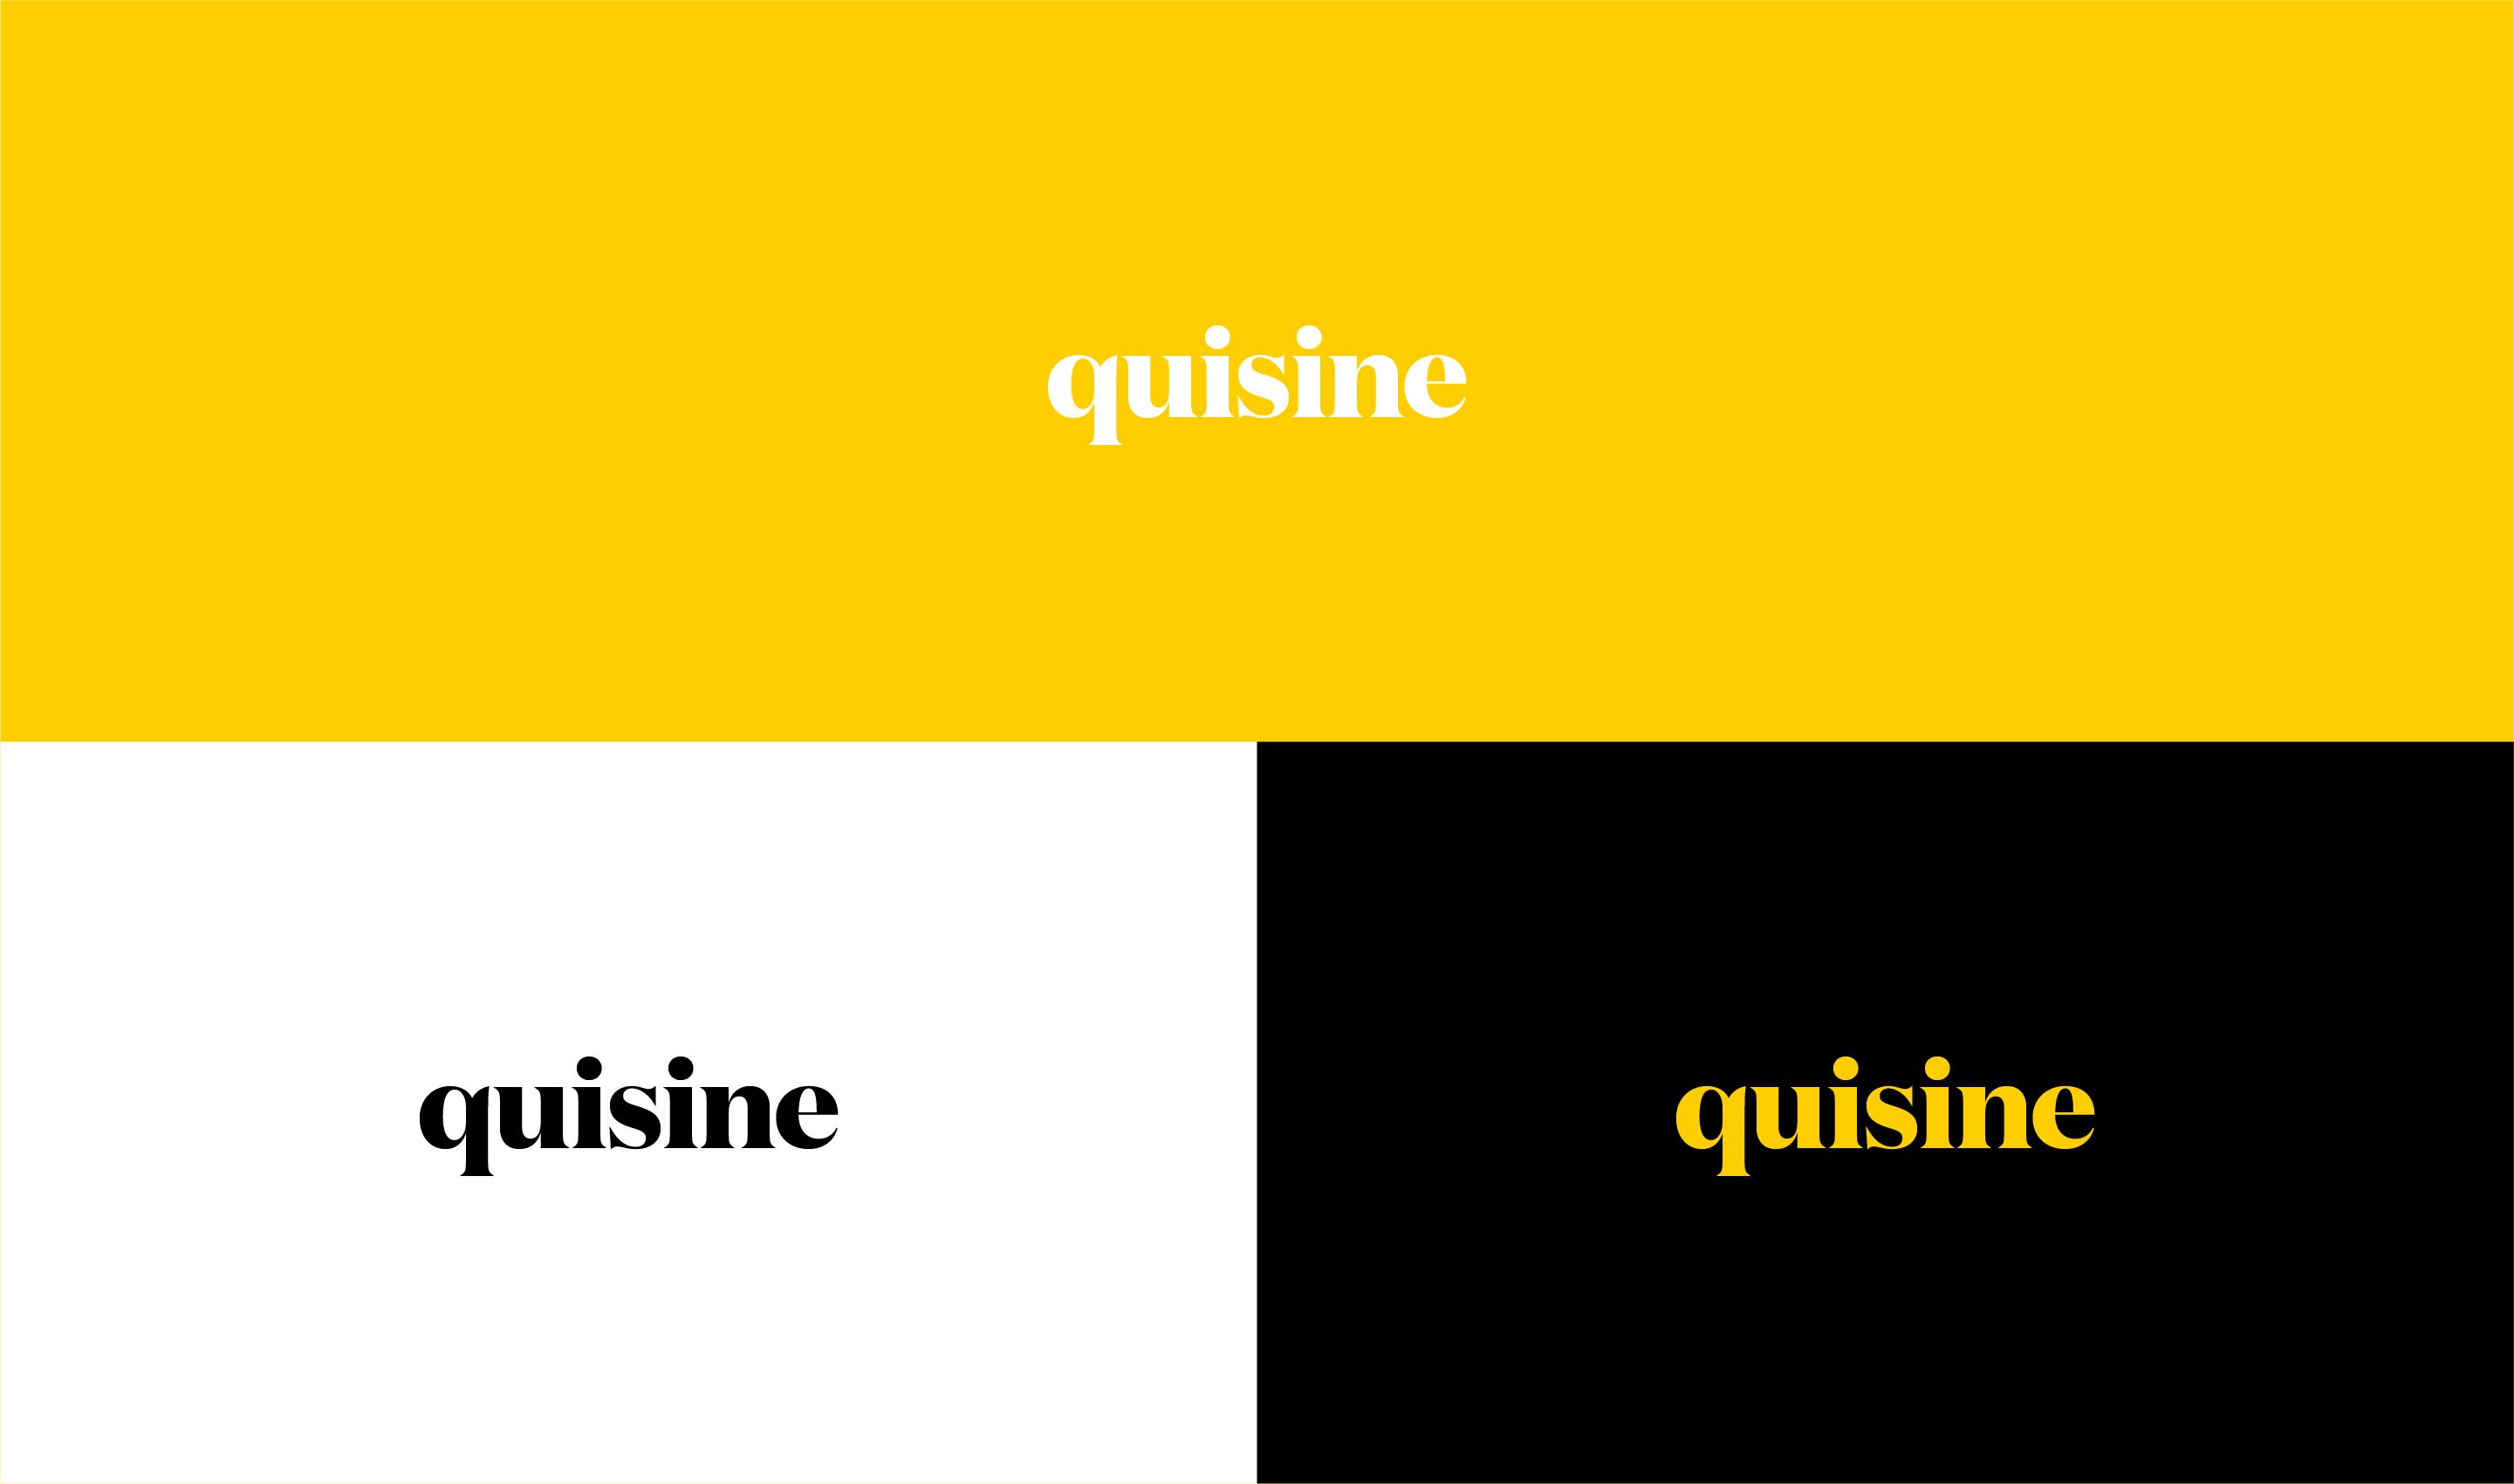 quisine_logo_design